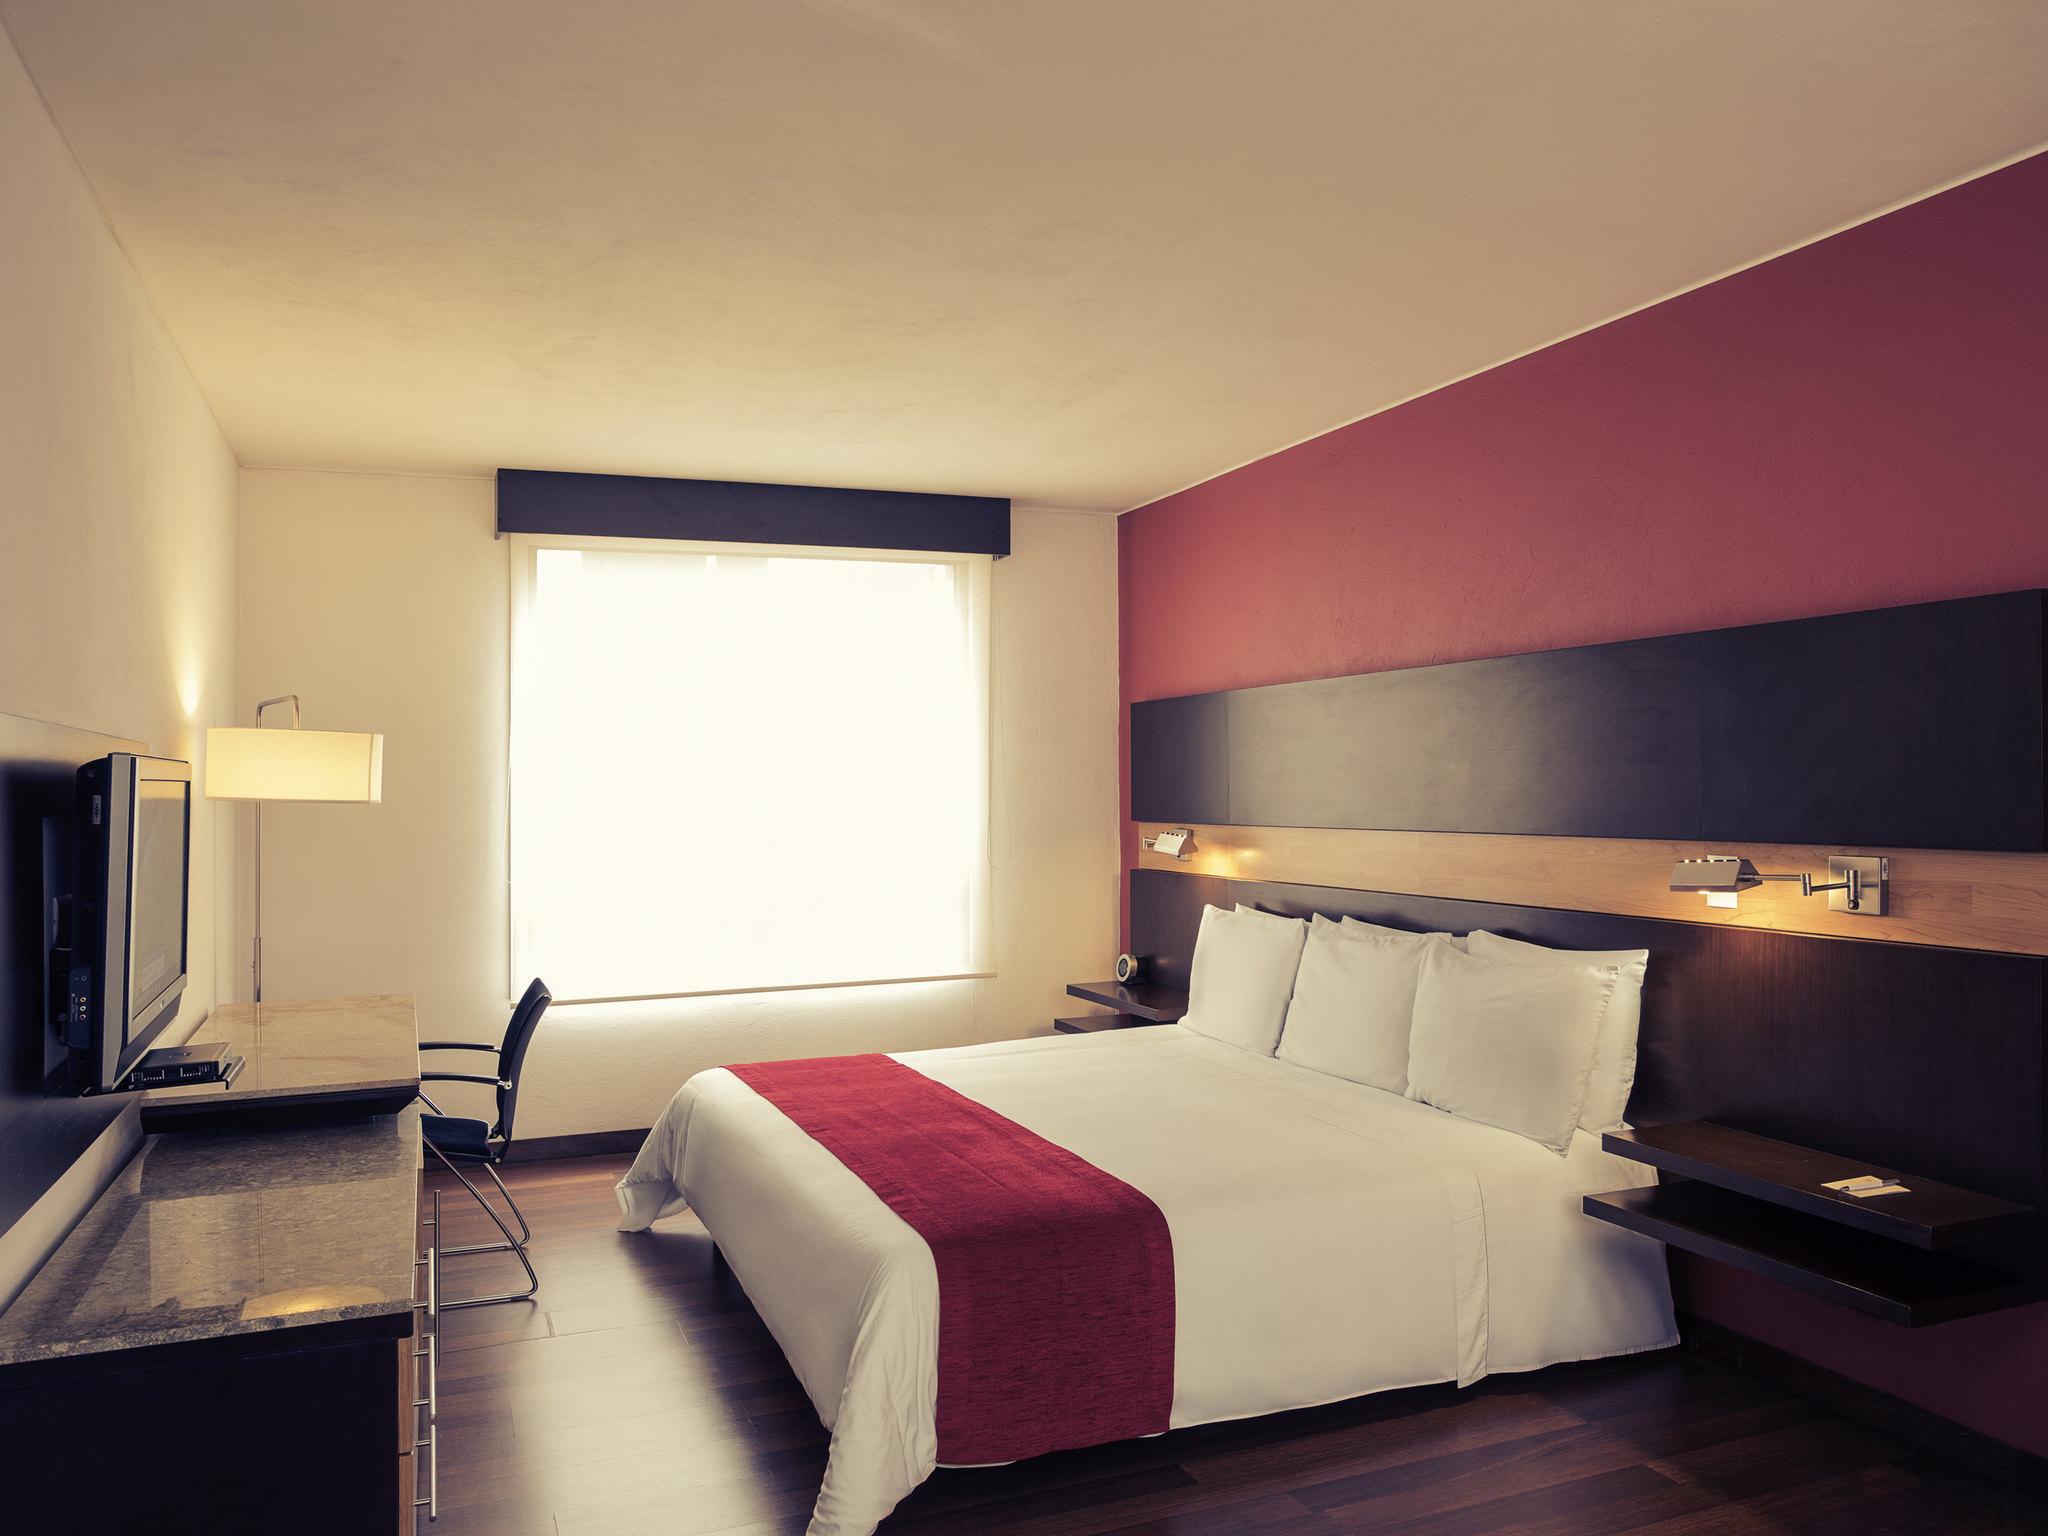 ホテル – メルキュール ボゴタ BH レティーロ